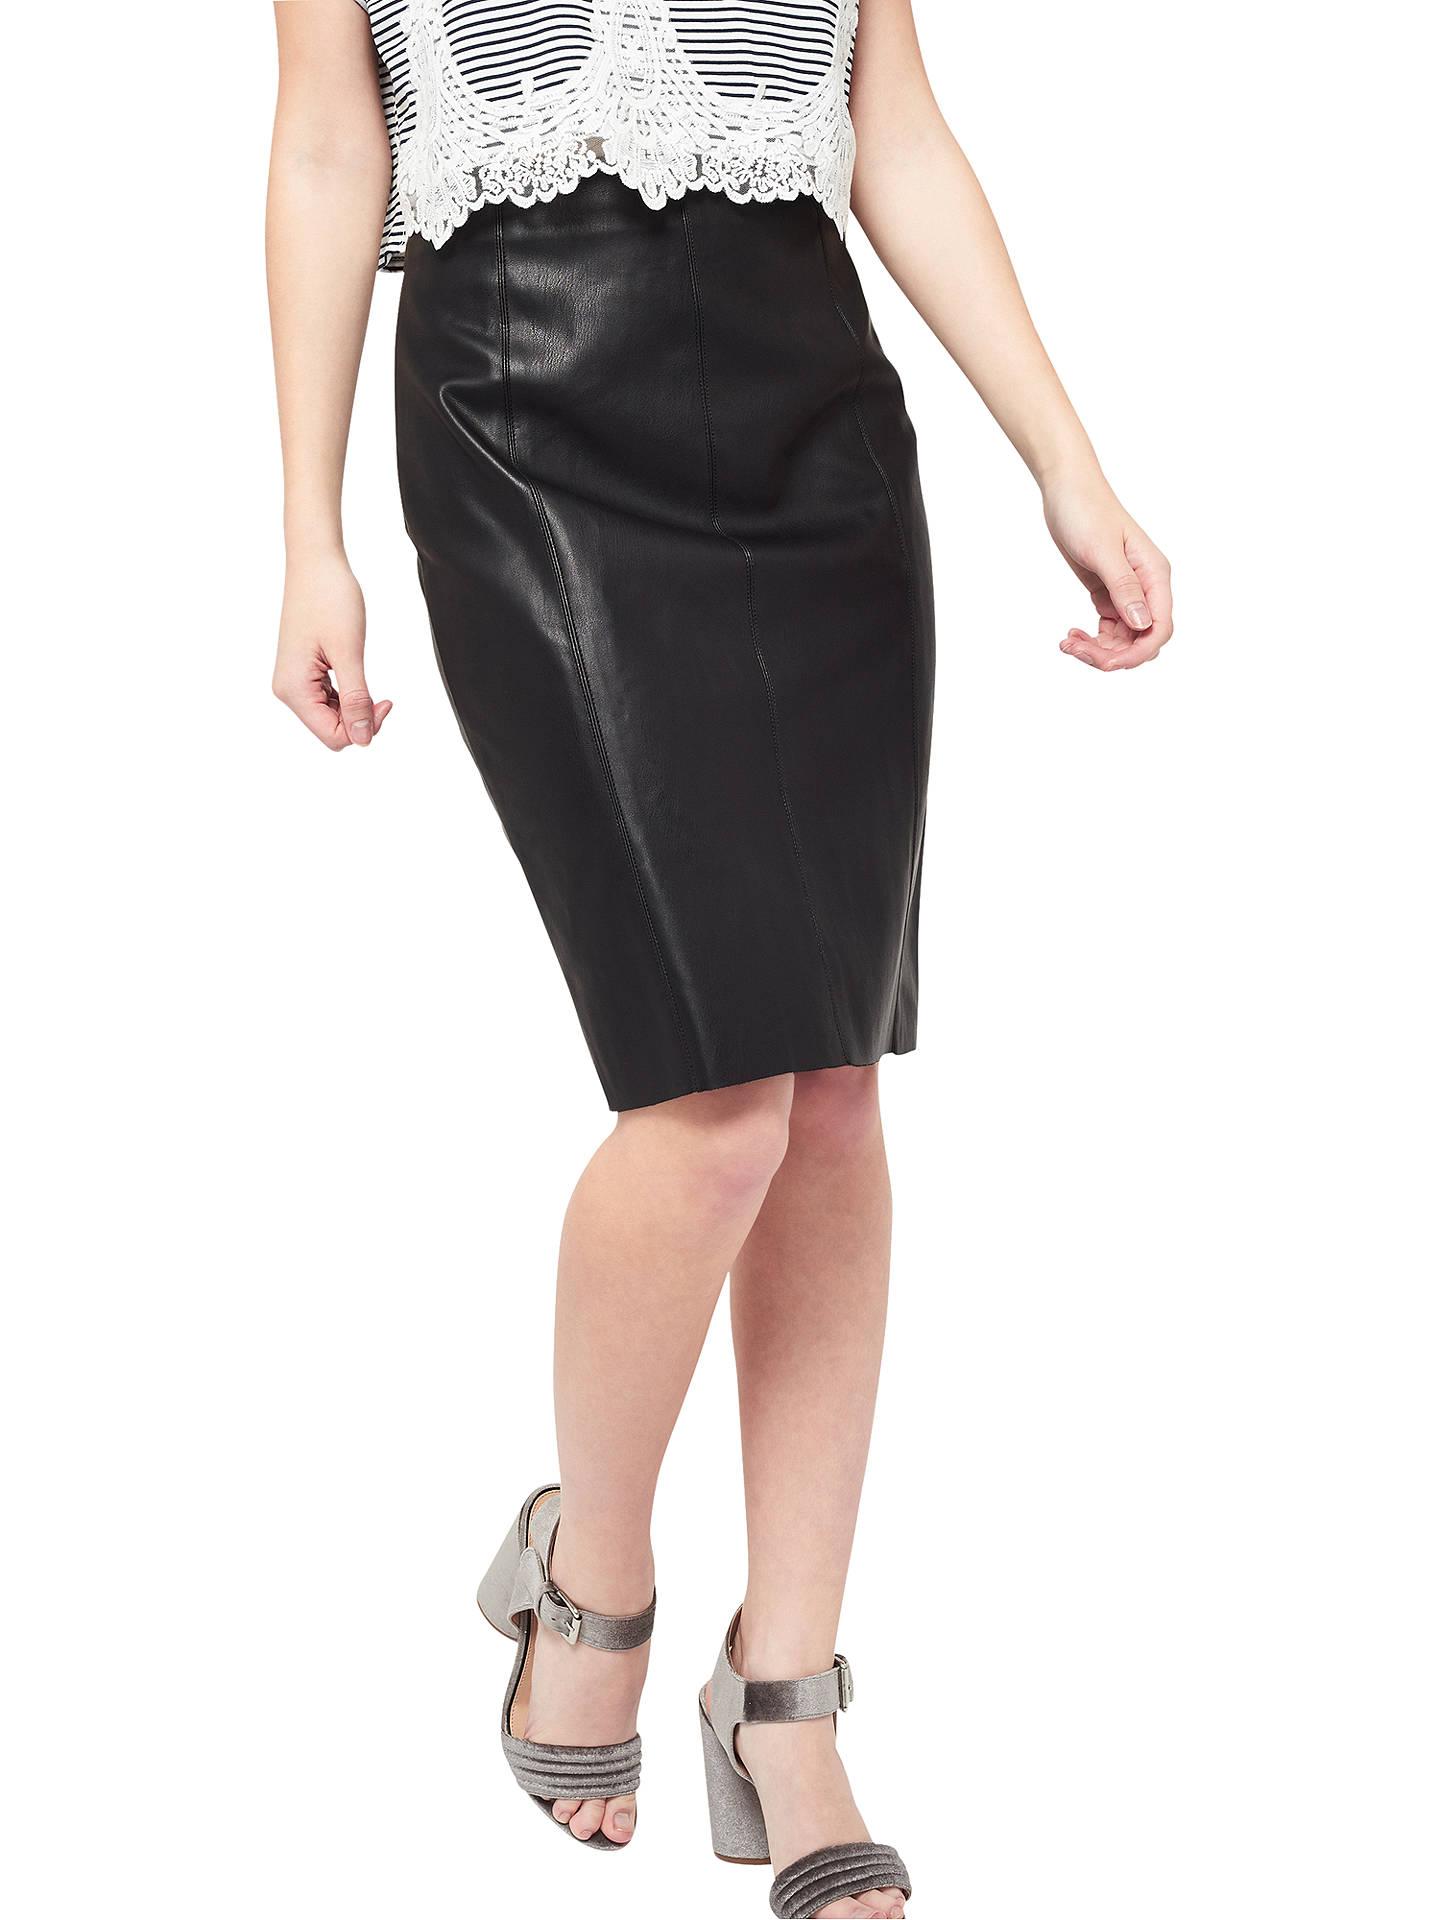 cffa502294 Buy Miss Selfridge Petite PU Mini Skirt, Black, 6 Online at johnlewis.com  ...